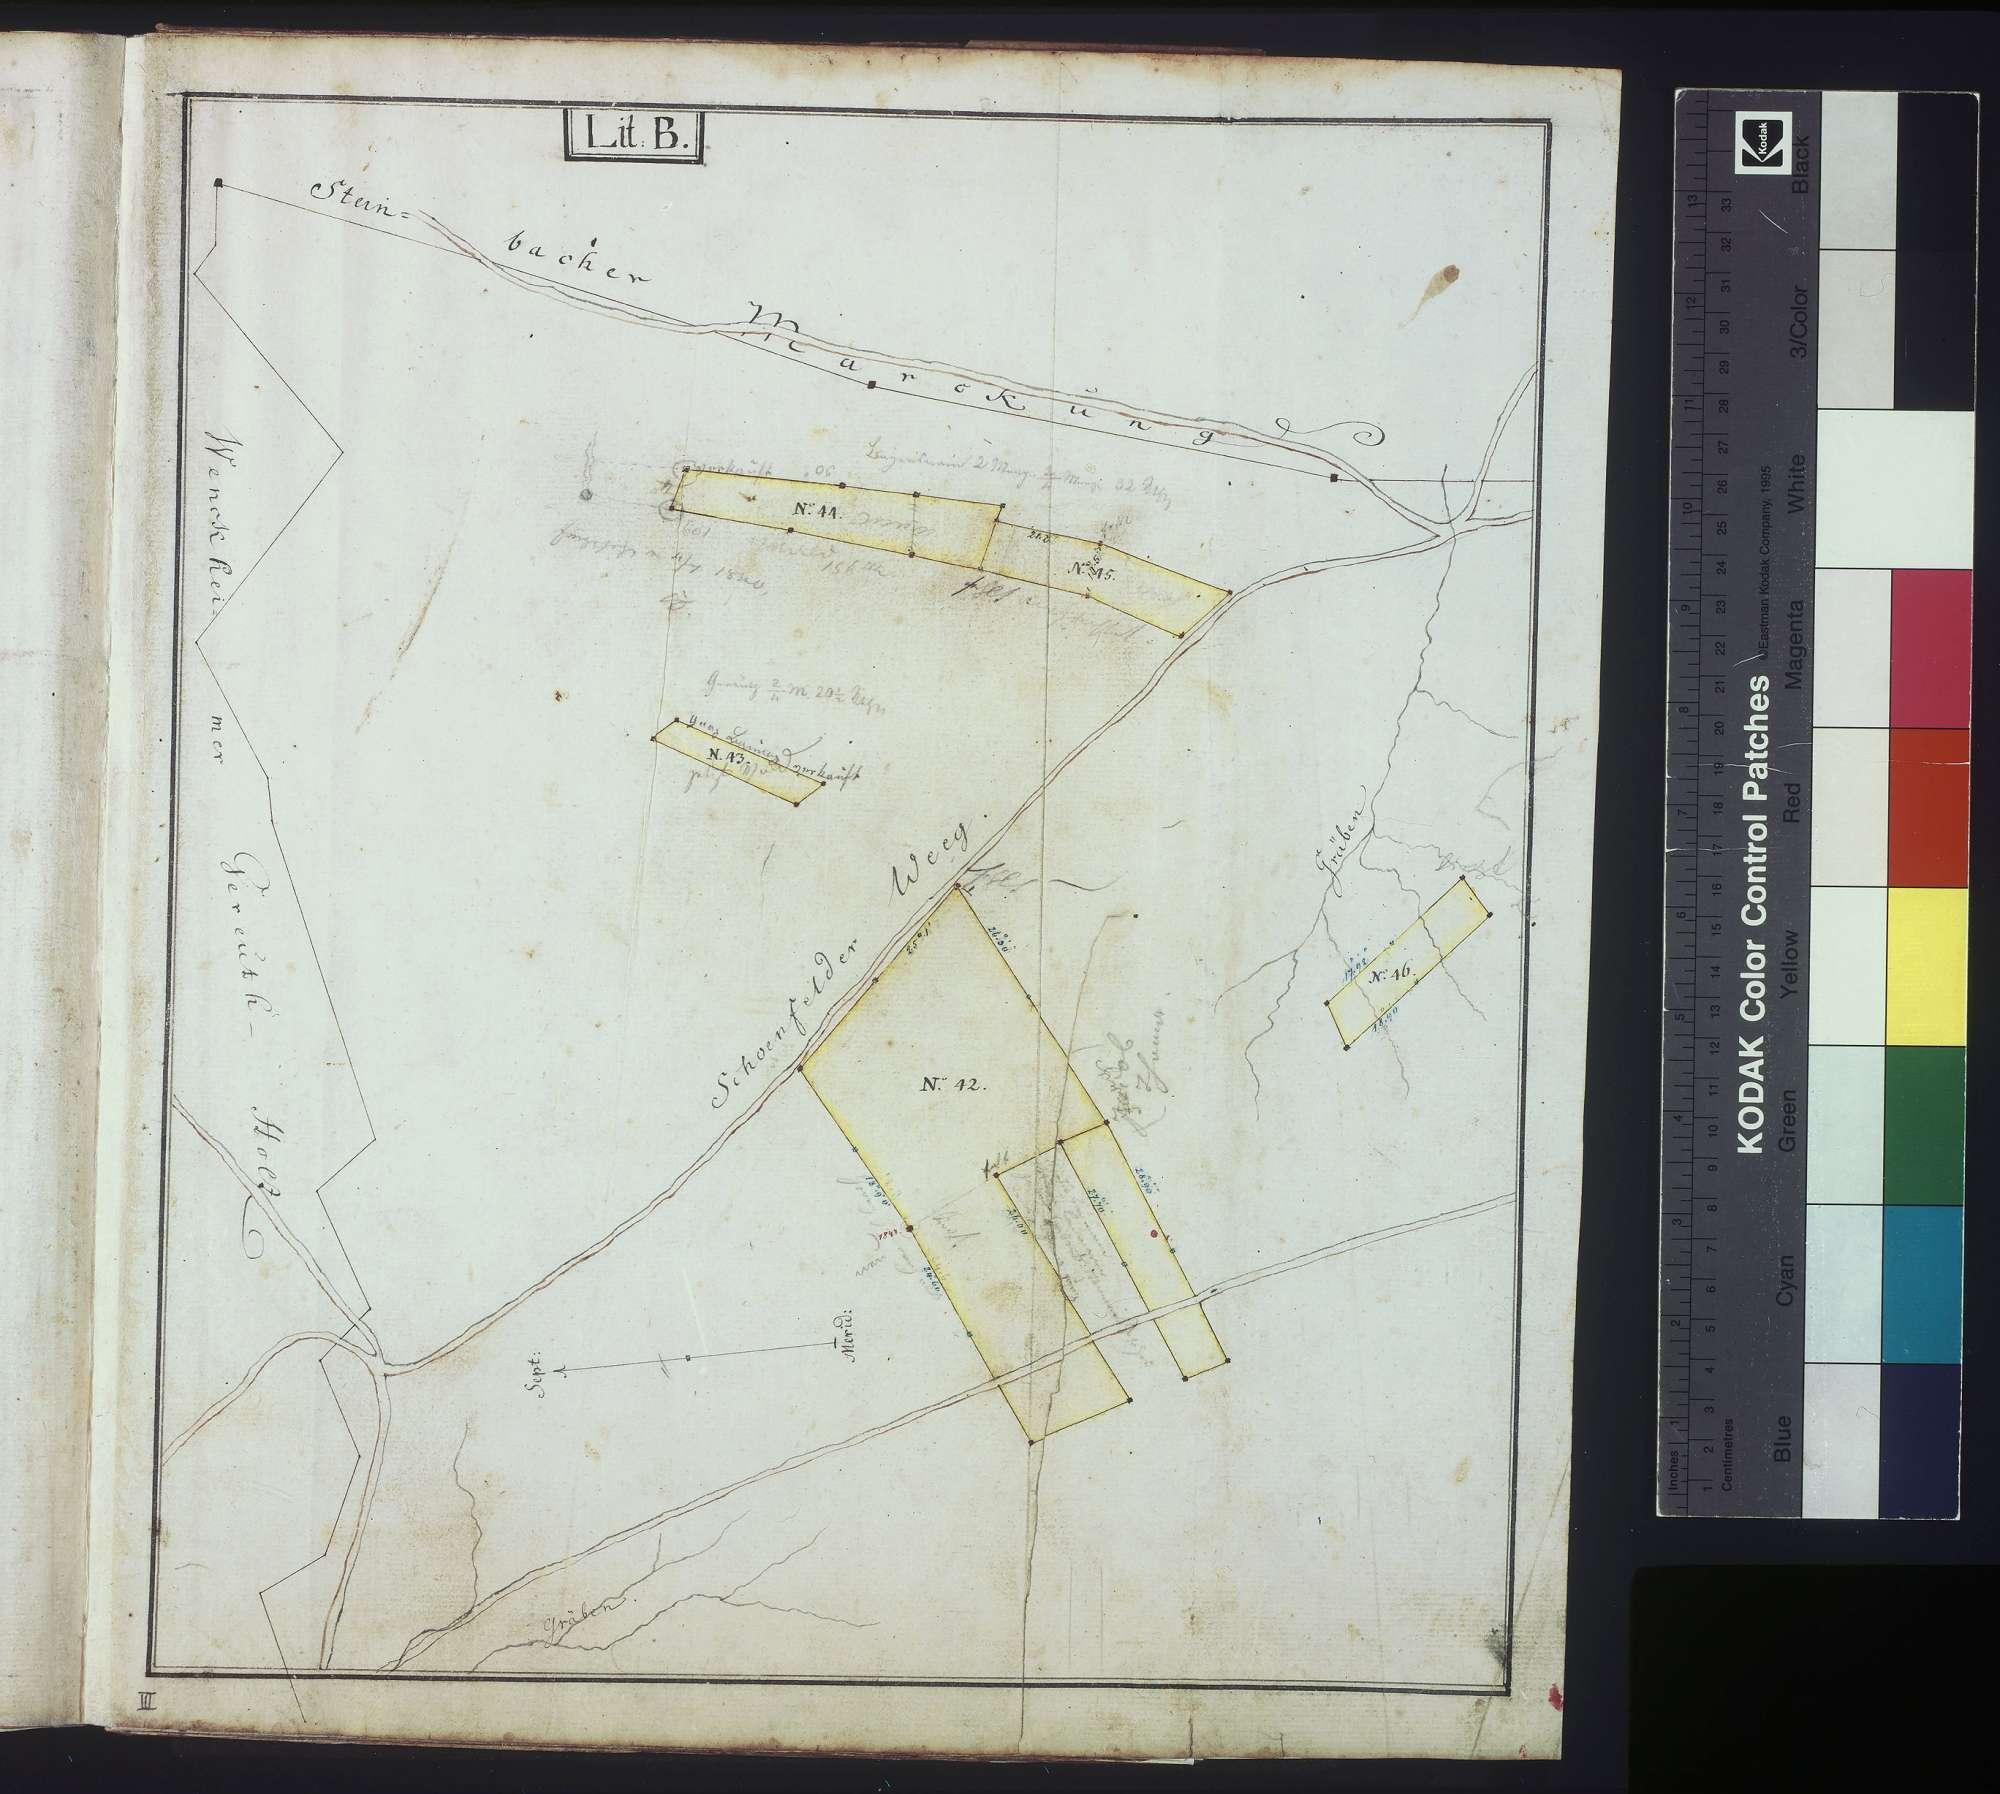 Lagerbuch oder Beschreibung der gemeinherrschaftlich löwenstein-wertheimischen Hofgüter zu Wenkheim, Bild 1